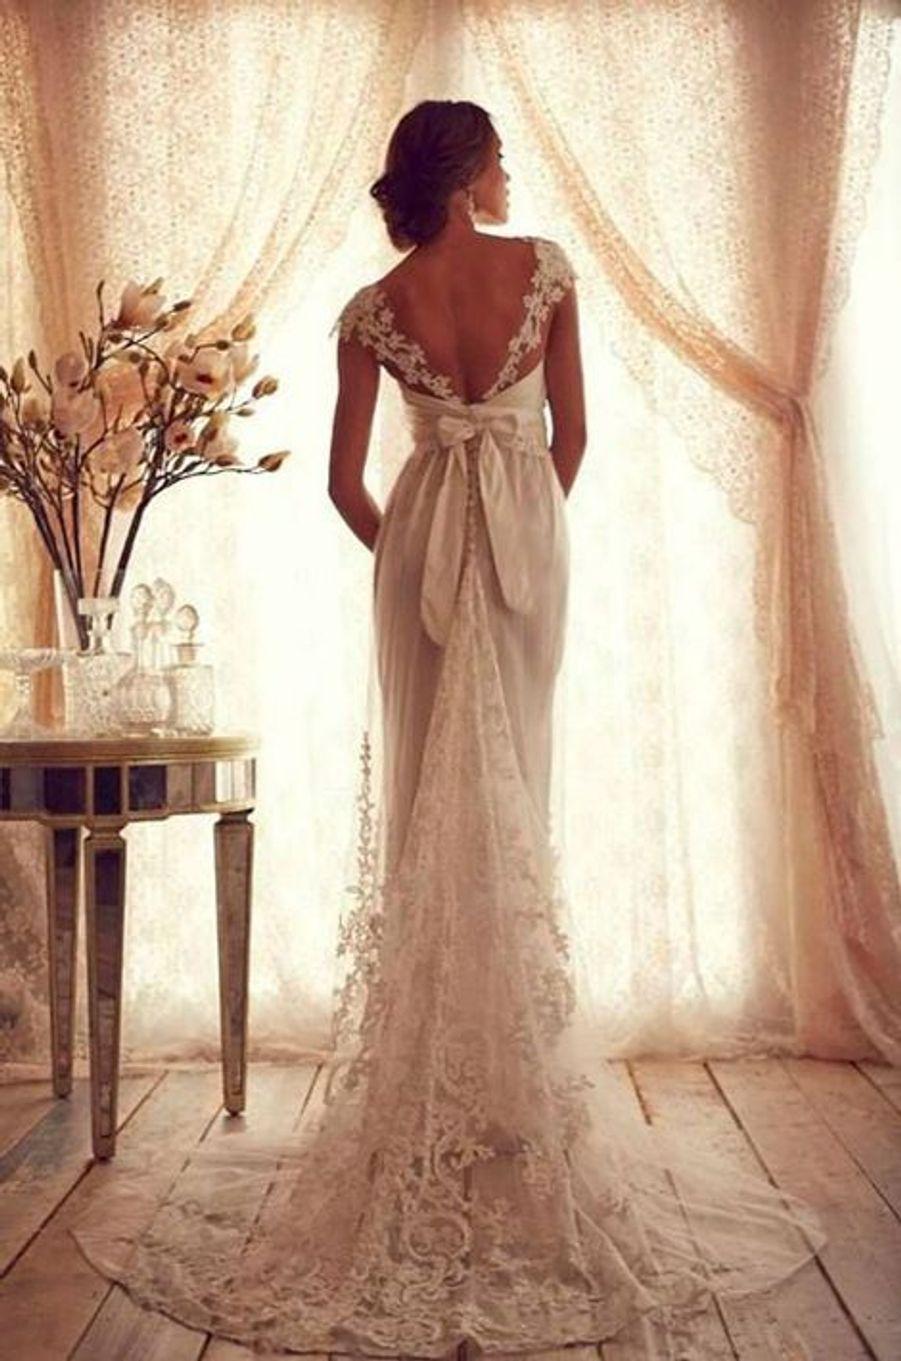 Modèle «Ruby» de la collection Gossamer, cette robe de mariée d'inspiration vintage est signée Anna Campbell. La styliste australienne s'est spécialisée dans la création de robes de mariée.